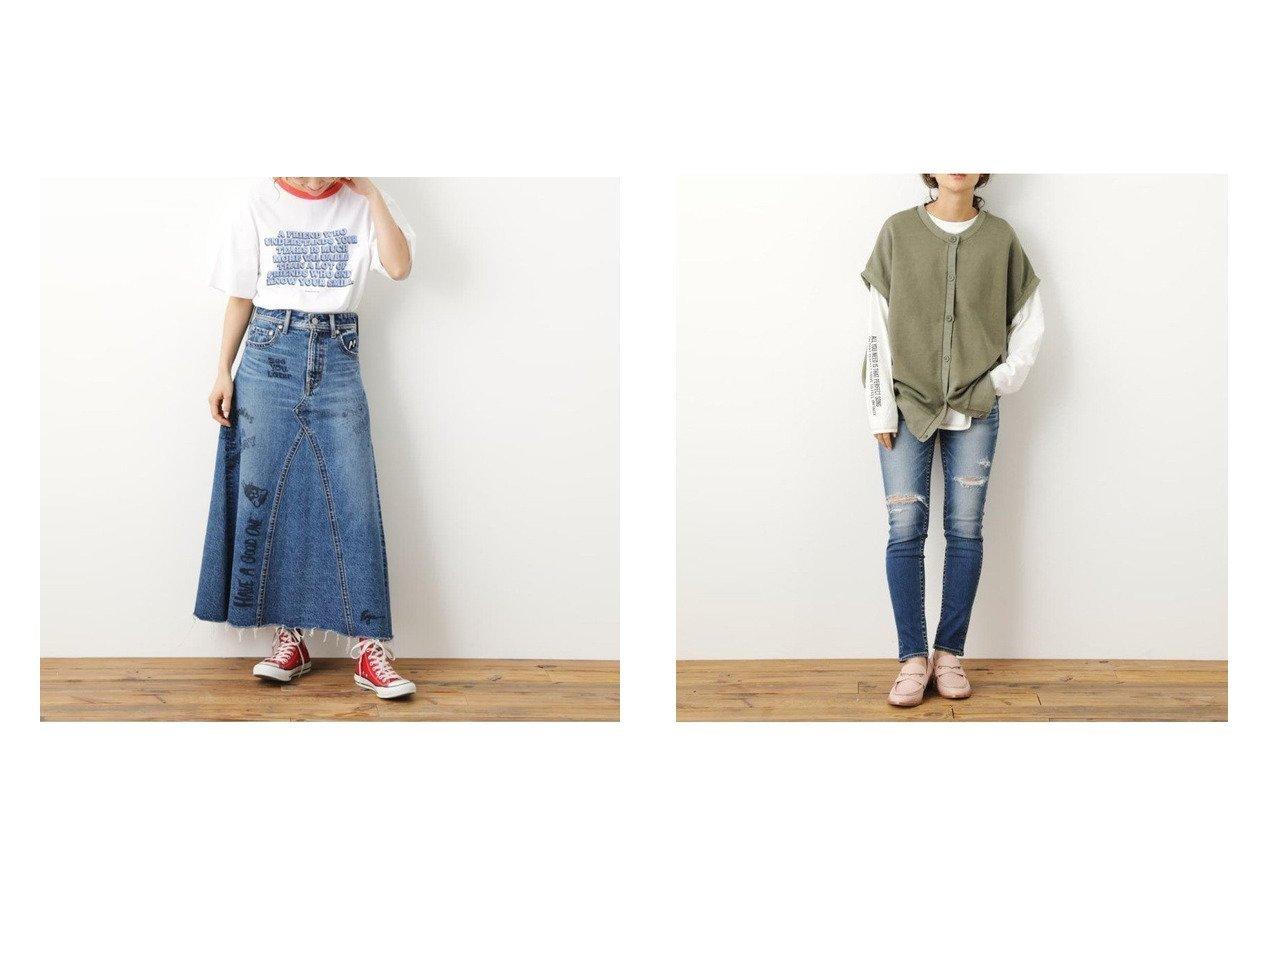 【RODEO CROWNS WIDE BOWL/ロデオクラウンズワイドボウル】のADDICTIVE JF CRASH TYPE2スキニー&Ryu AmbeRCSデニムスカート おすすめ!人気トレンド・レディースファッション通販 おすすめで人気の流行・トレンド、ファッションの通販商品 インテリア・家具・メンズファッション・キッズファッション・レディースファッション・服の通販 founy(ファニー) https://founy.com/ ファッション Fashion レディースファッション WOMEN スカート Skirt デニムスカート Denim Skirts パンツ Pants イラスト デニム プリント ロング イエロー クラッシュ ジーンズ スキニー フロント |ID:crp329100000046051